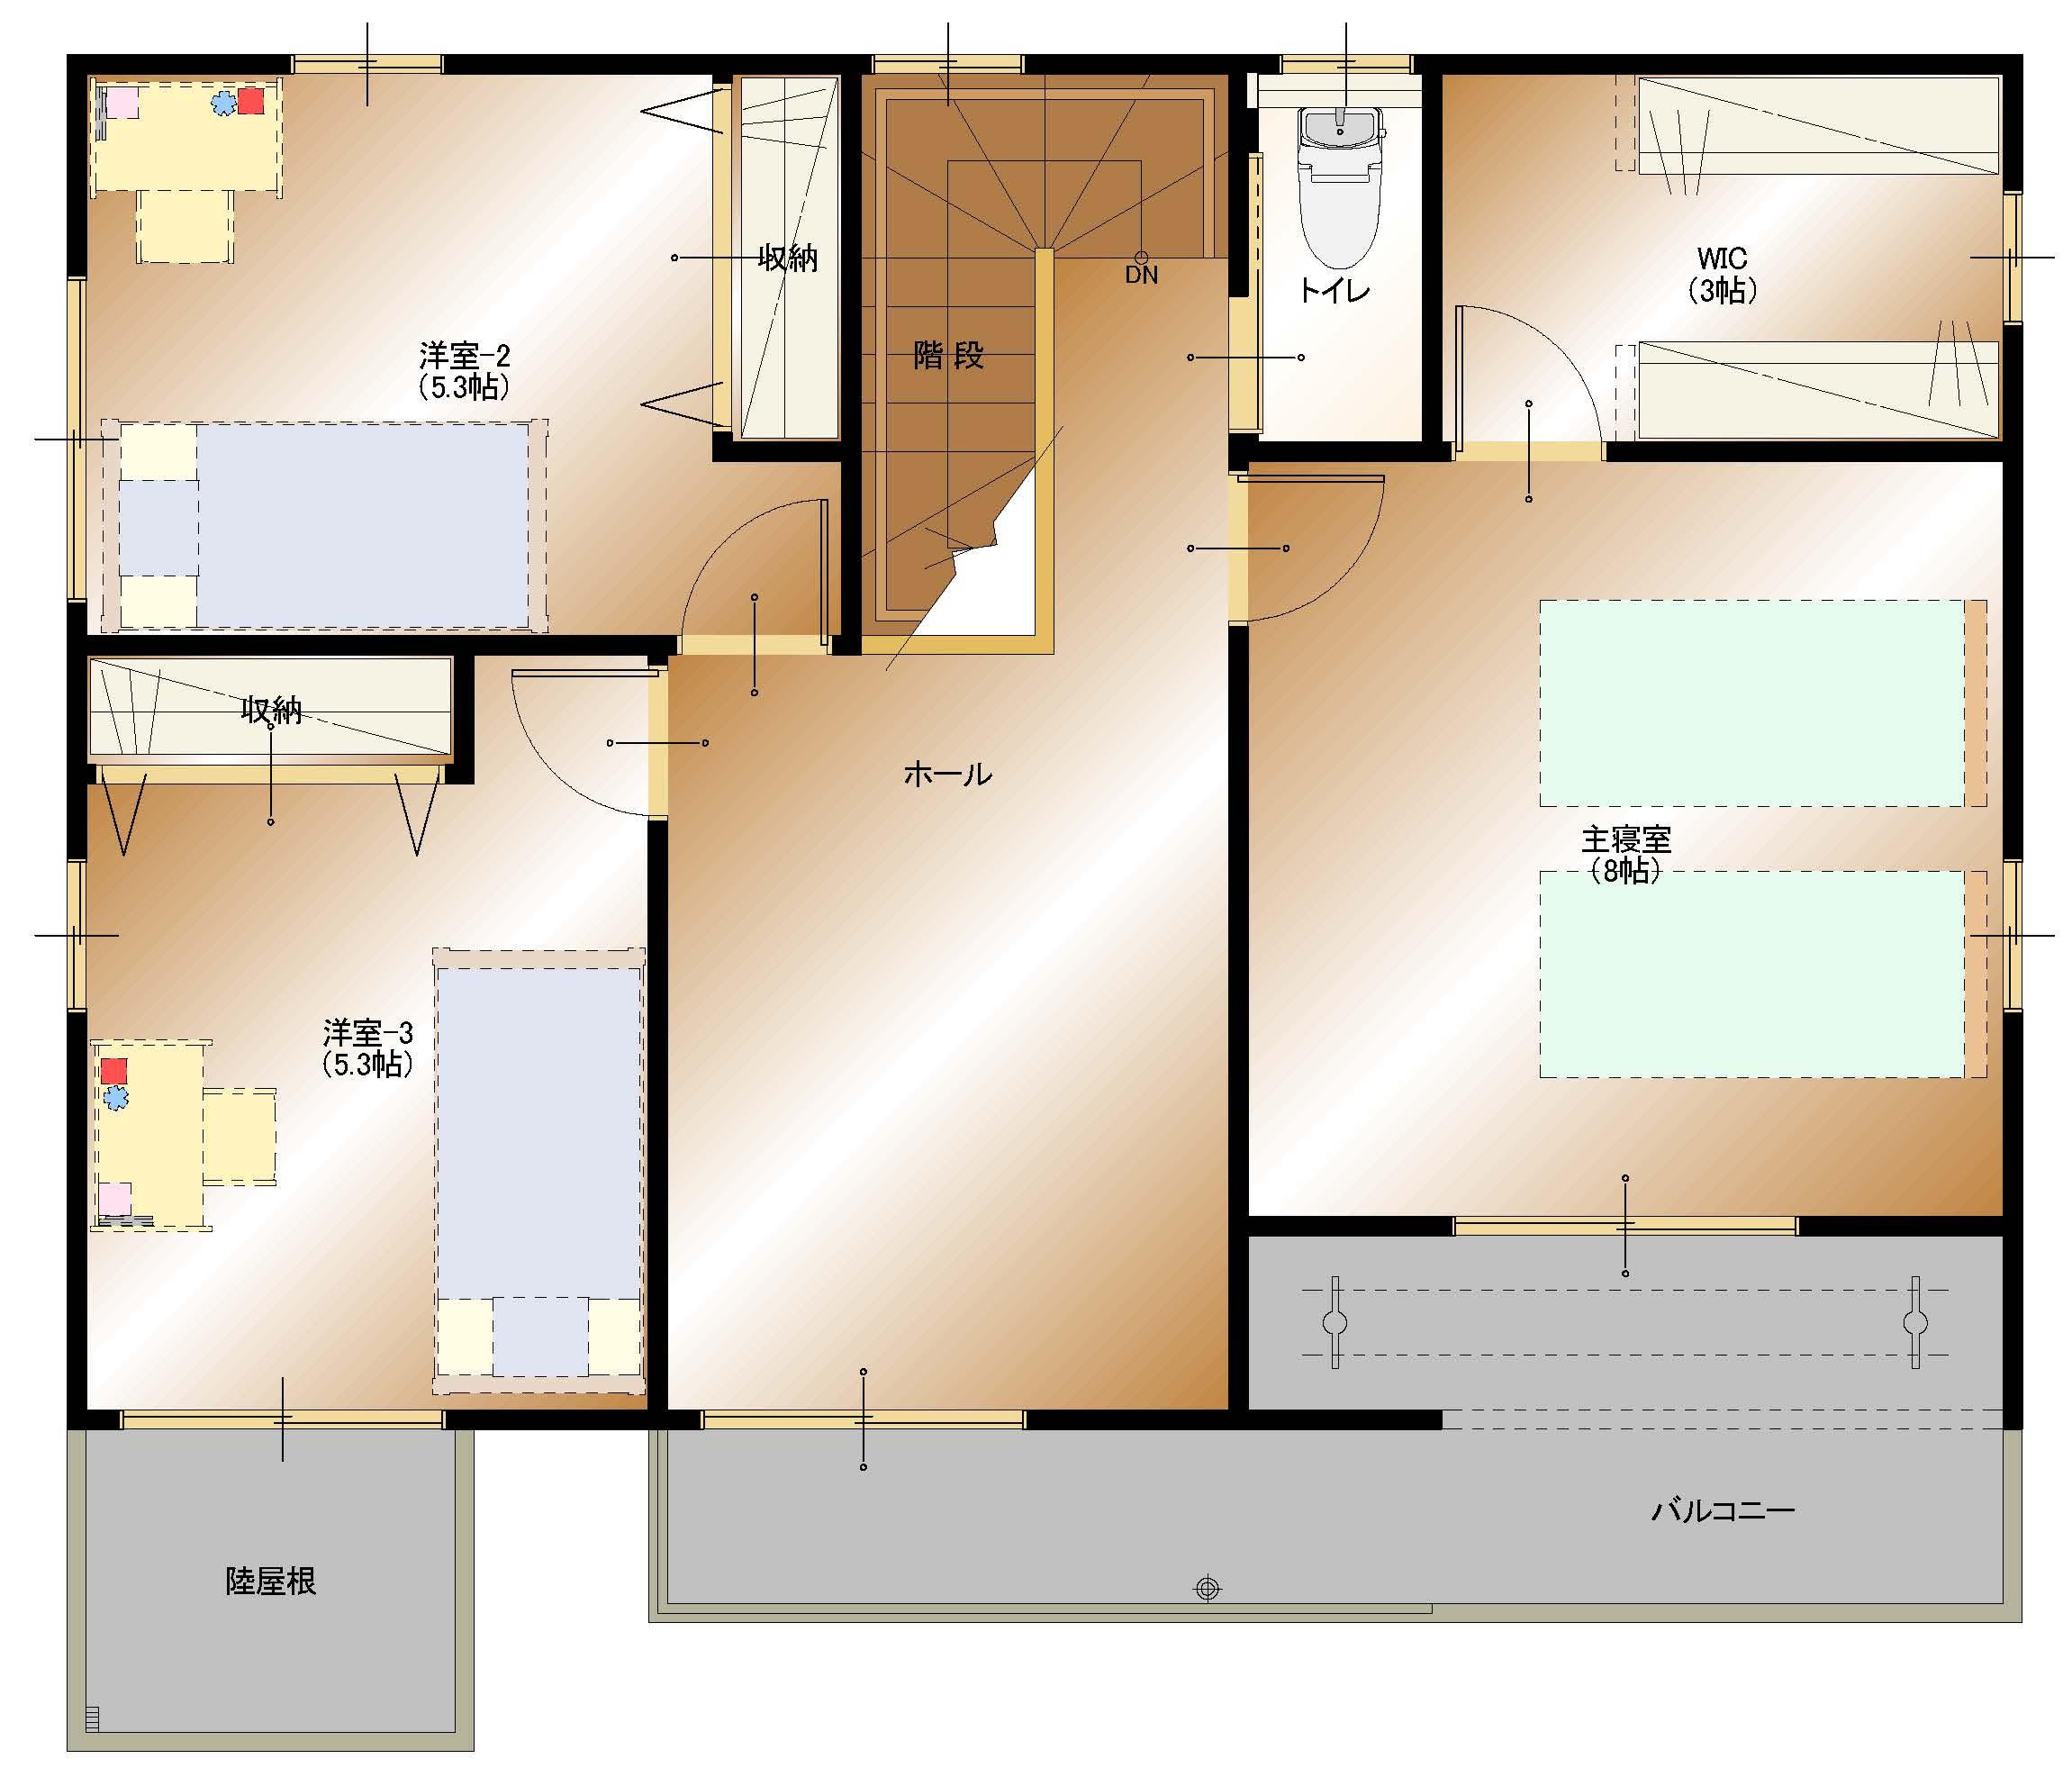 龍地B14号棟建売【2F平面図】